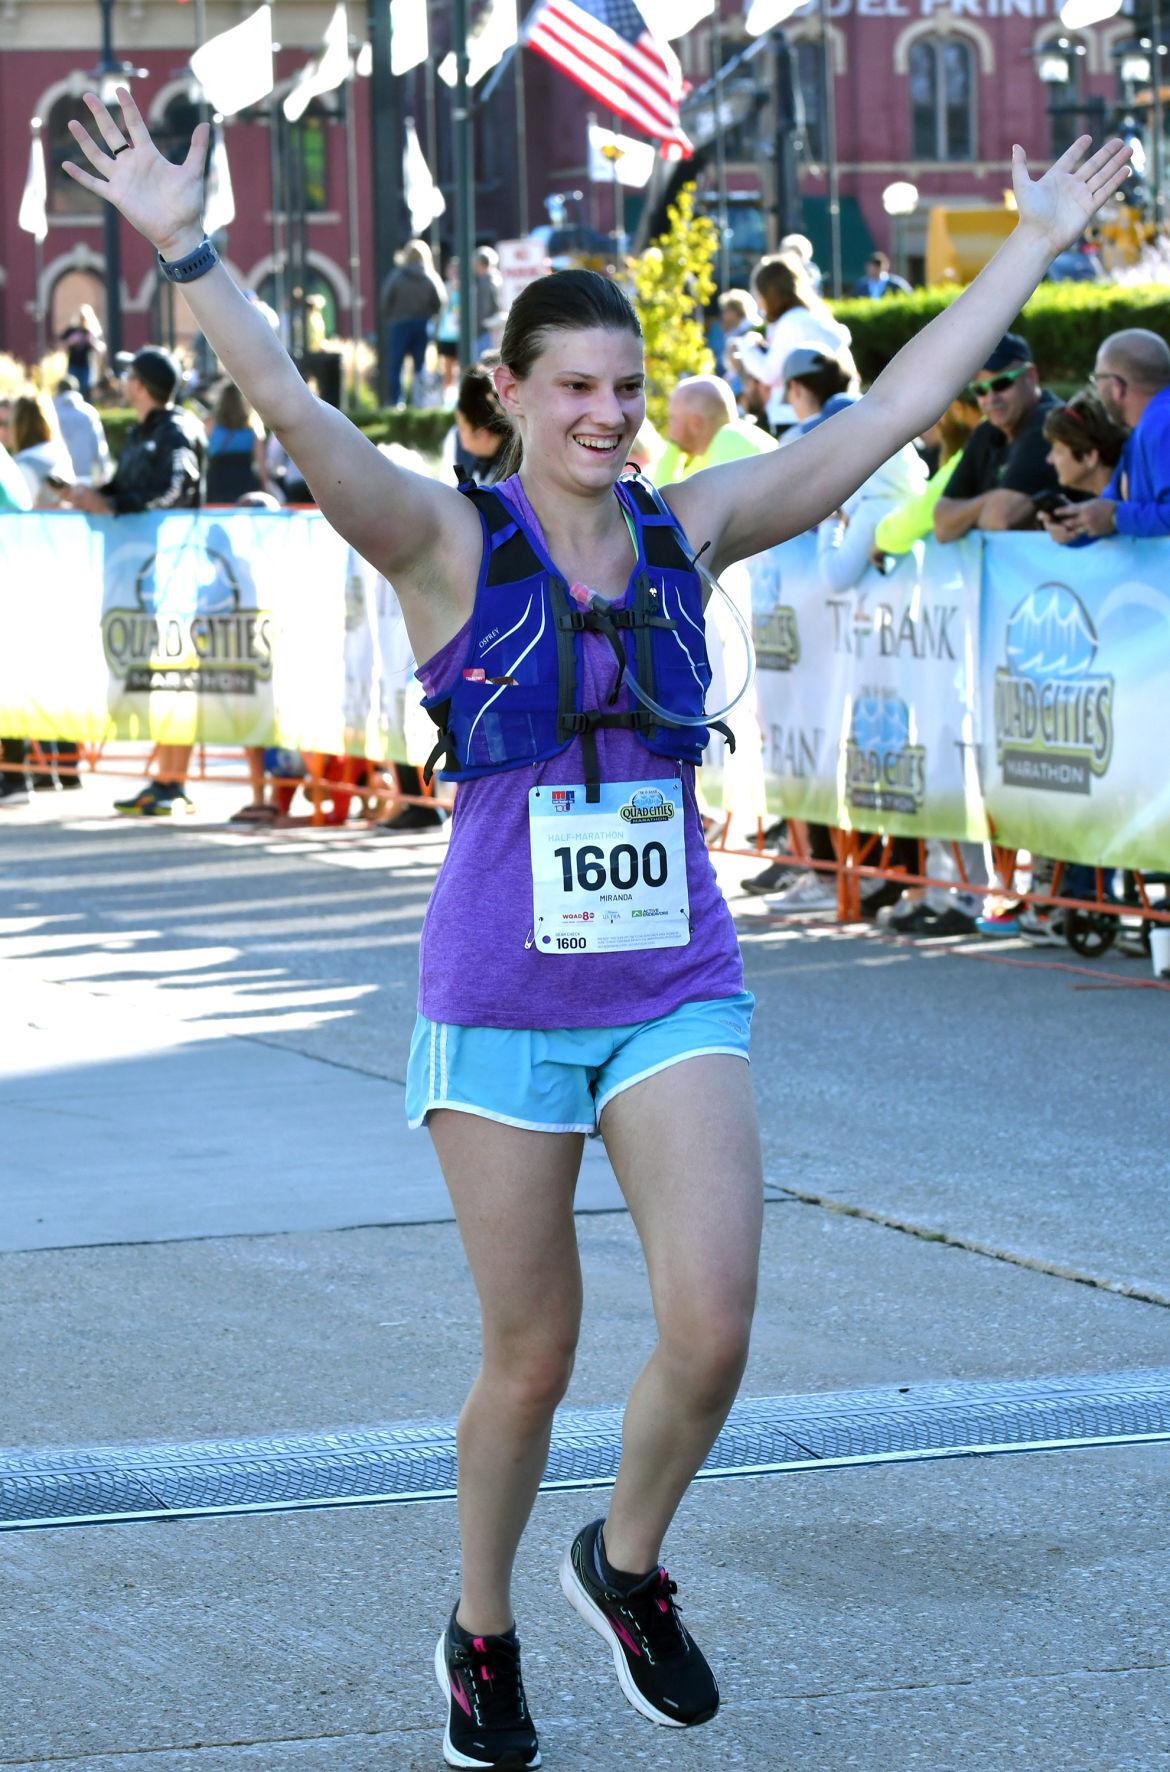 092621-qc-spt-qc marathon-0305